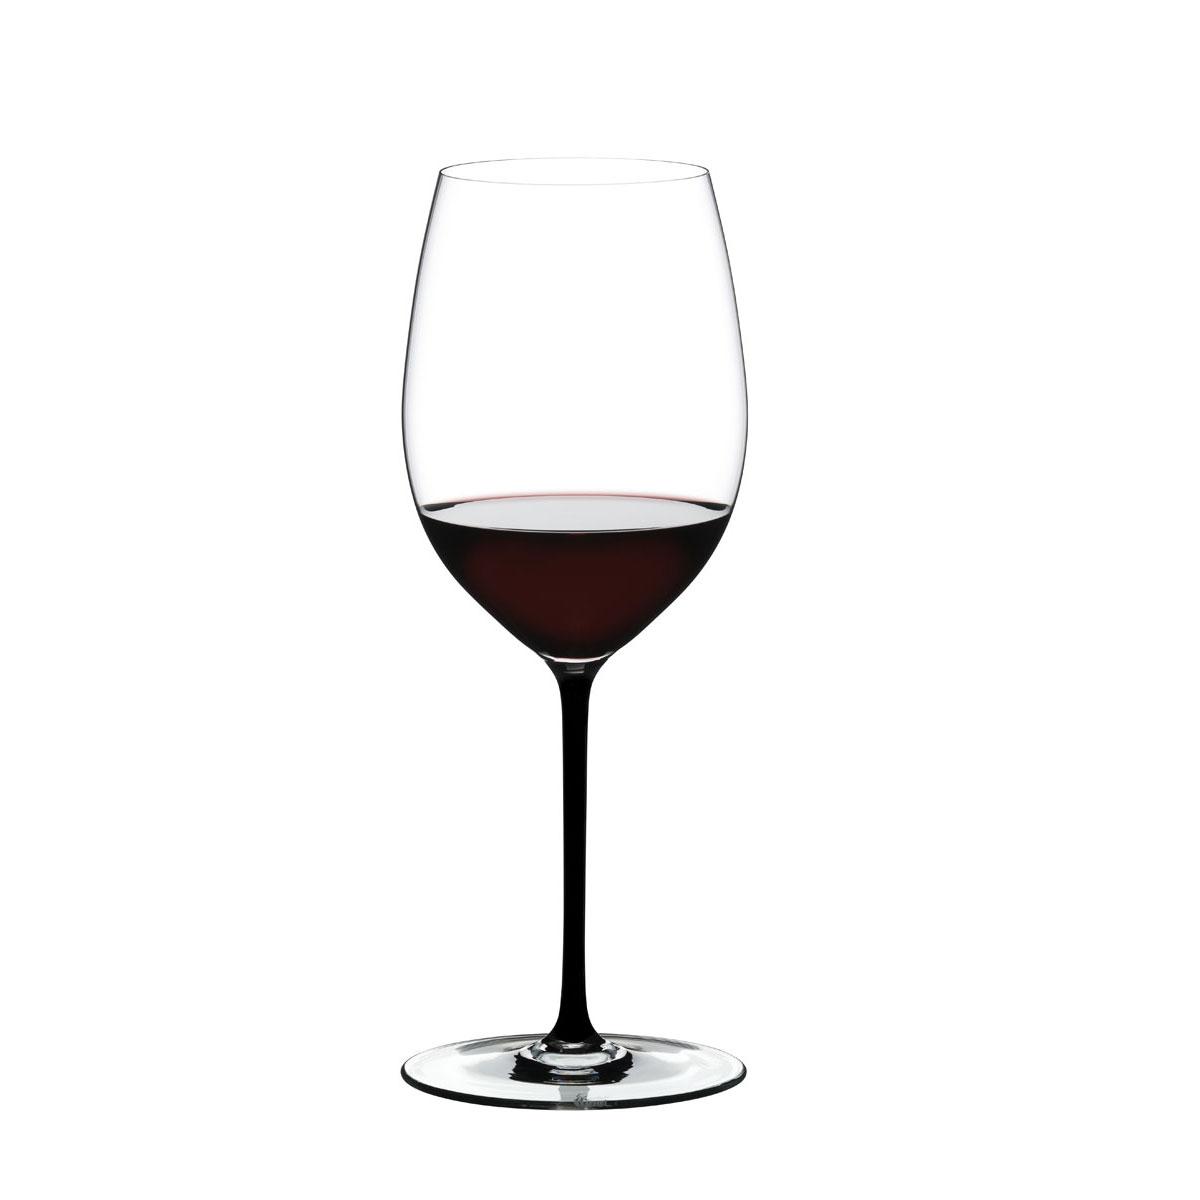 Riedel Fatto A Mano, Cabernet, Merlot Black Wine Glass, Single